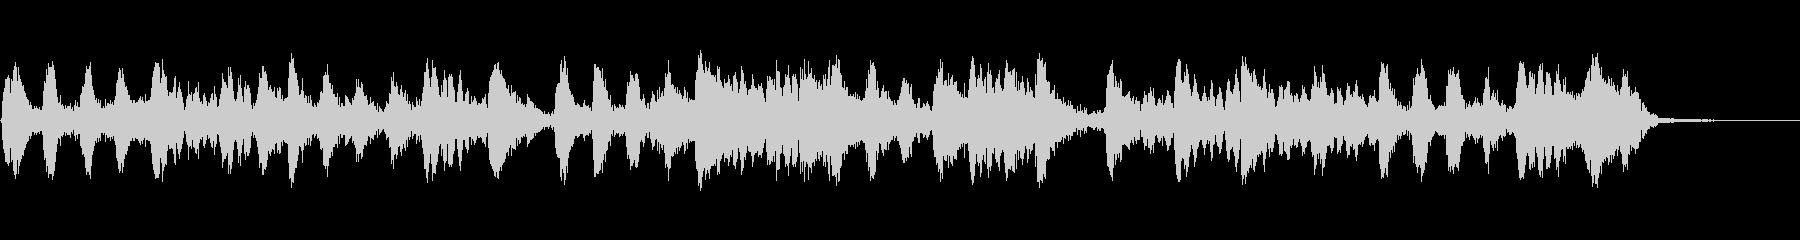 制御不能な文字列とピアノの未再生の波形